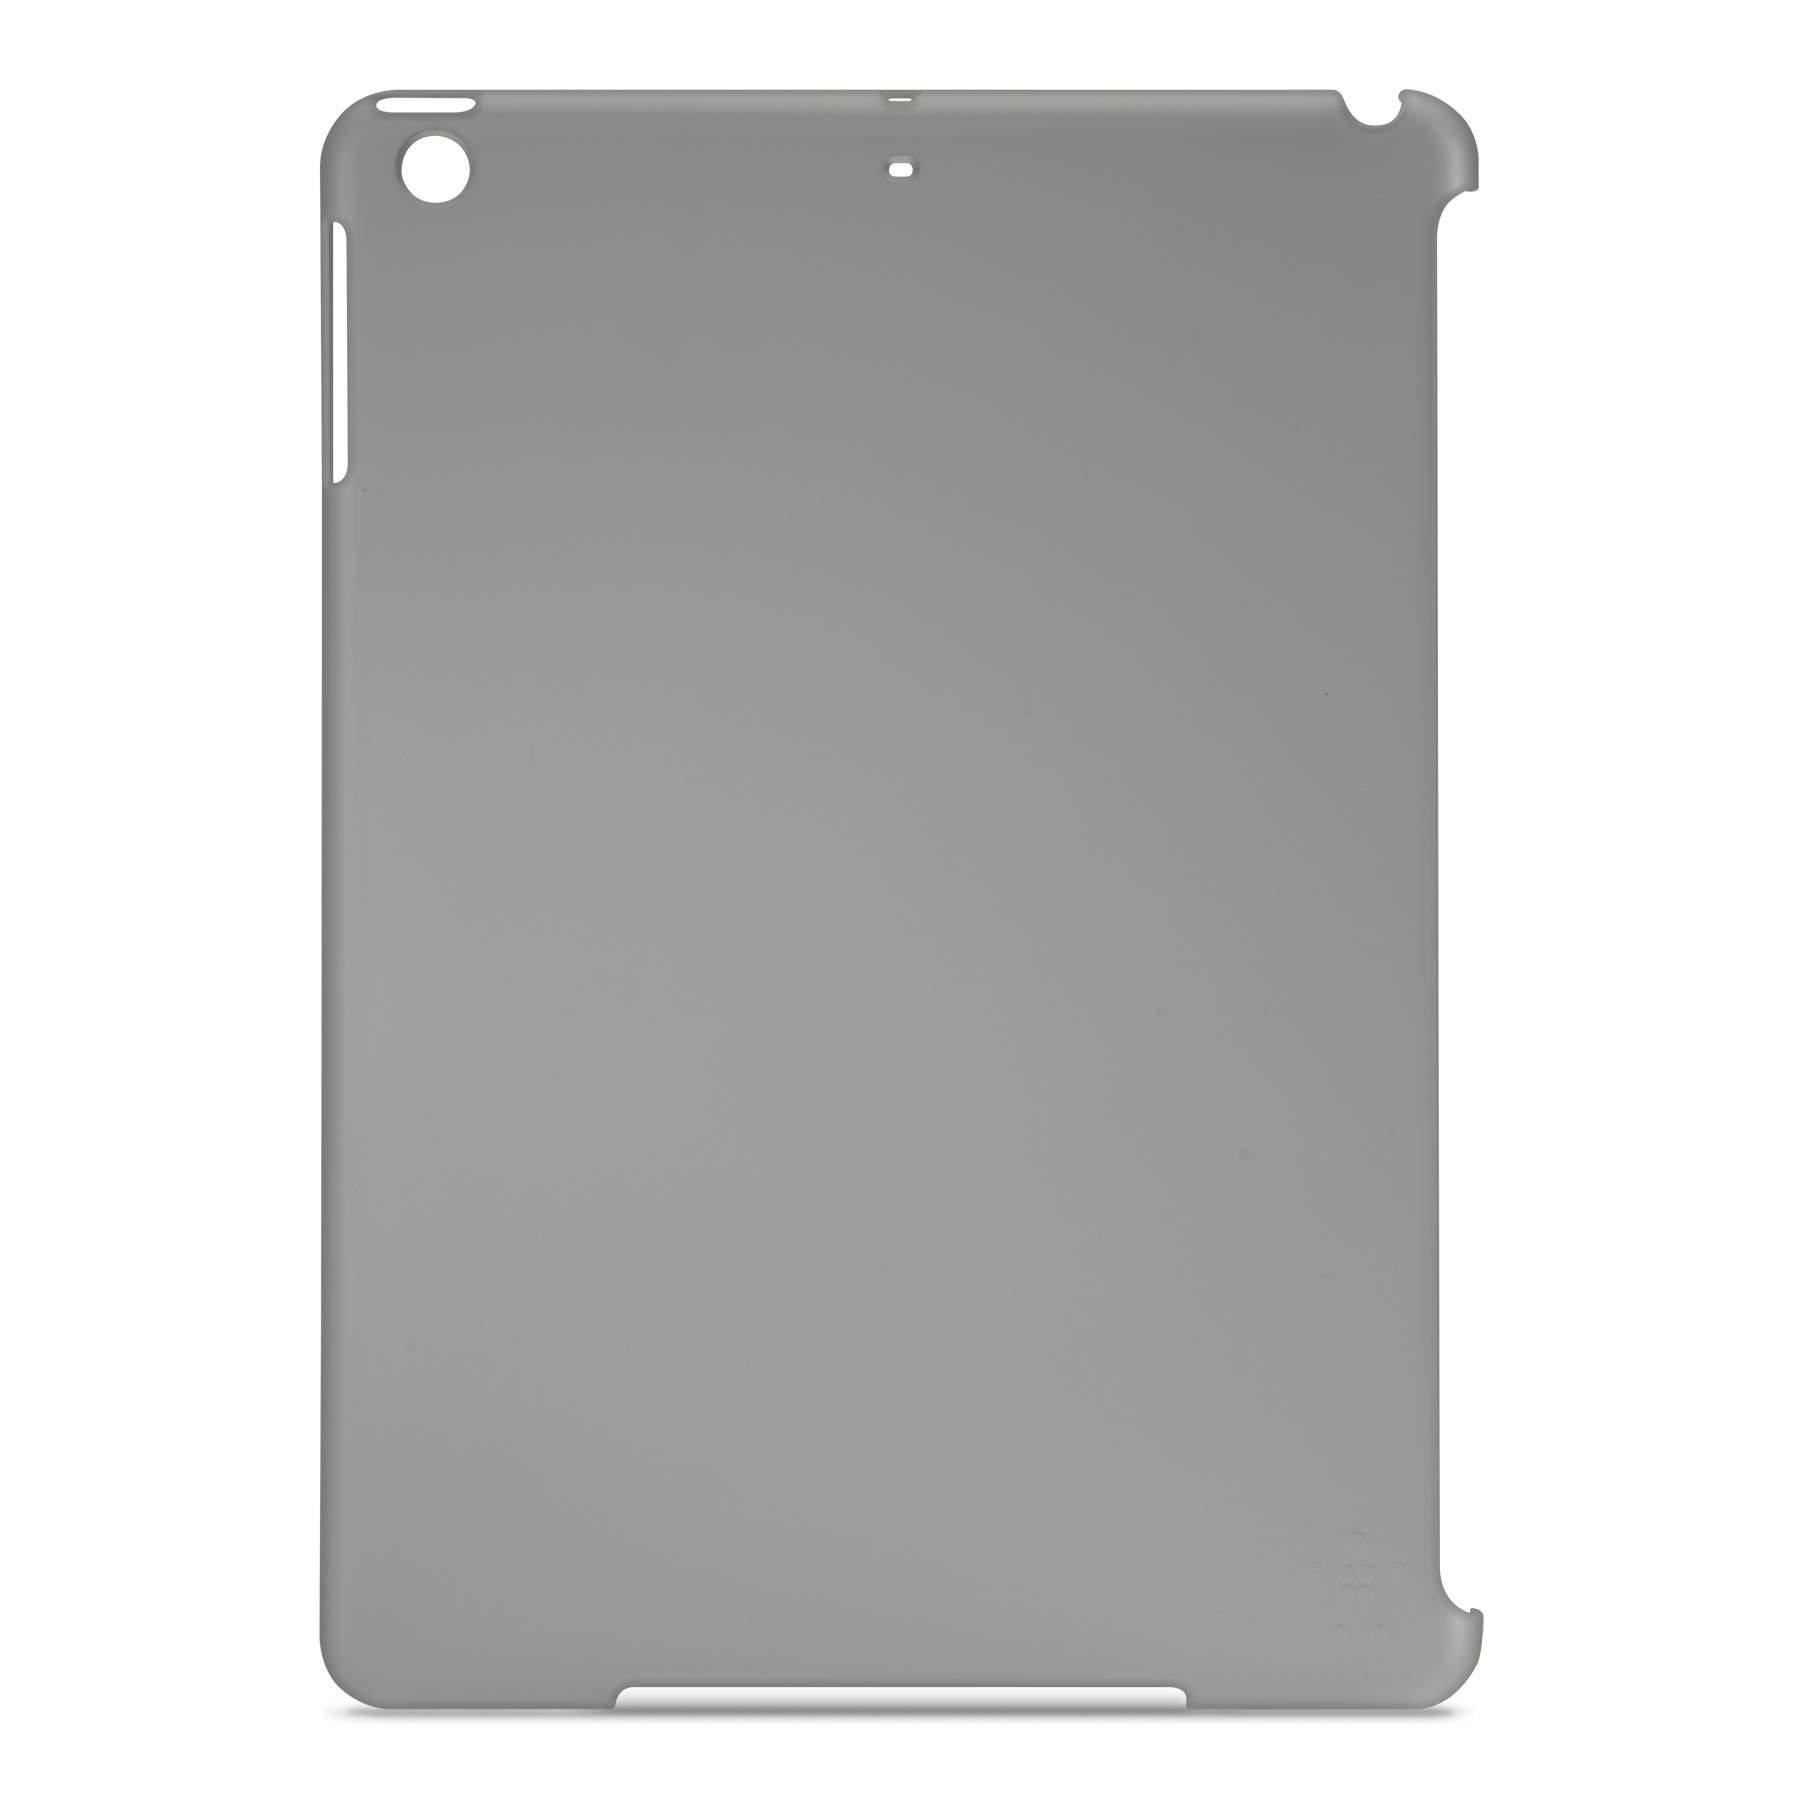 Belkin Shield Sheer Matte Case / Cover for iPad Air (Smoke)